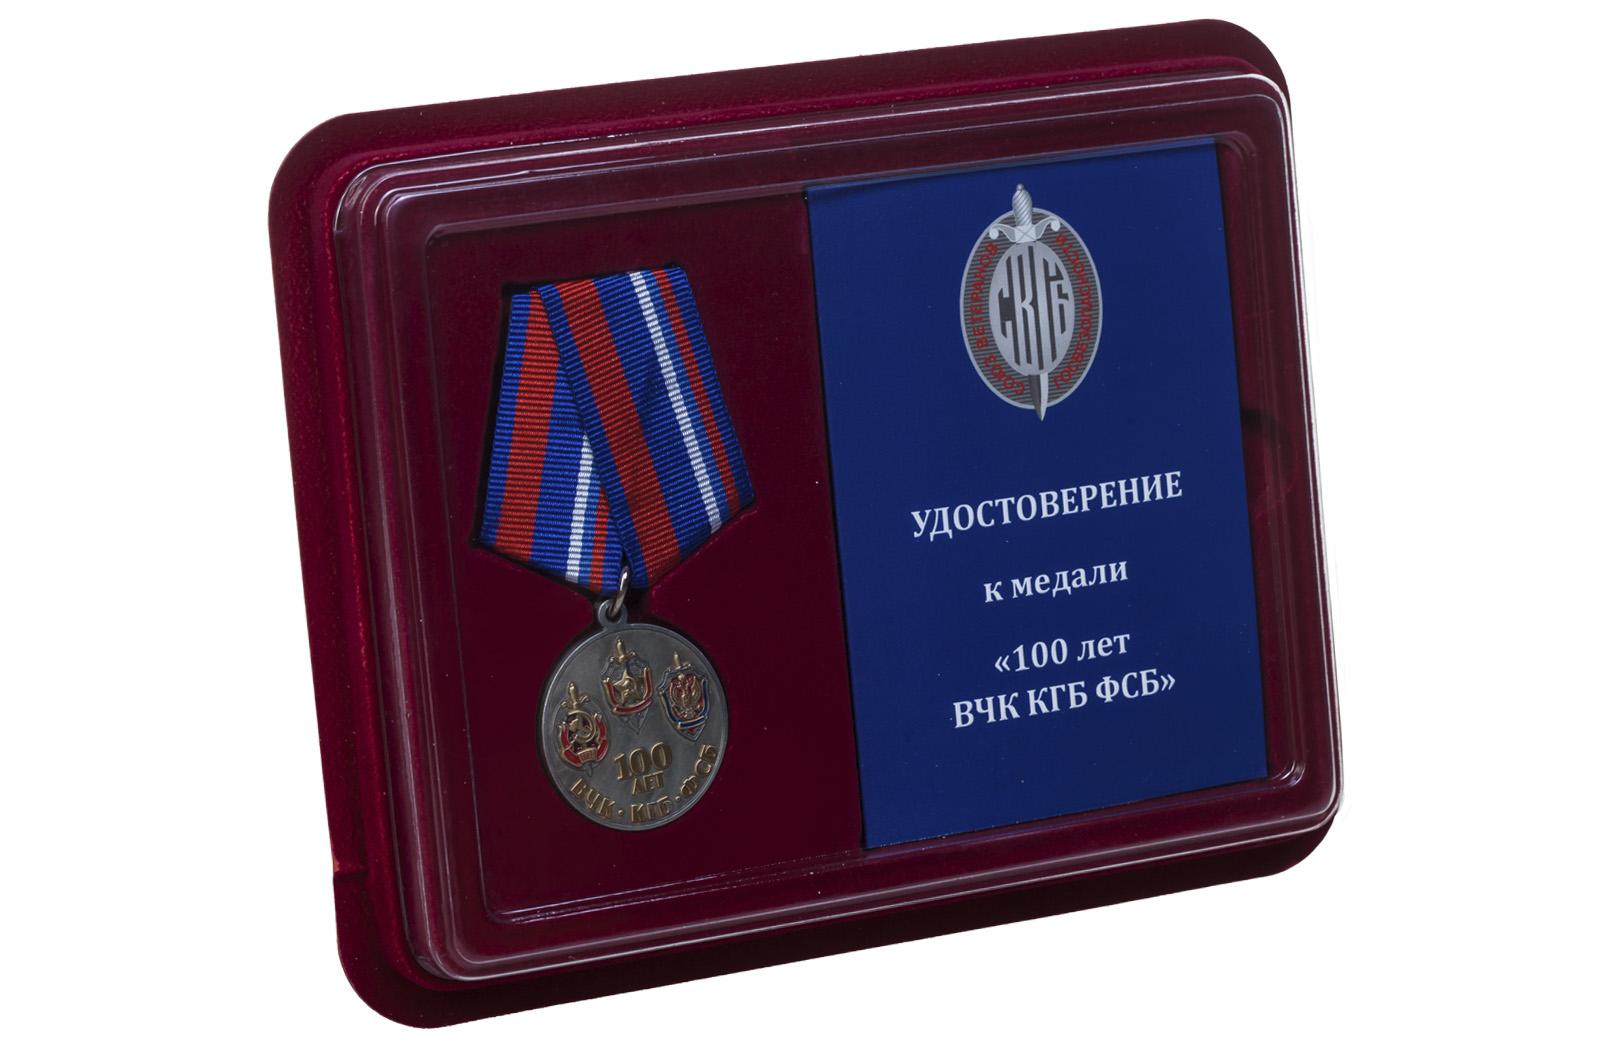 Медаль 100 лет ФСБ Союз Ветеранов Госбезопасности - в футляре с удостоверением